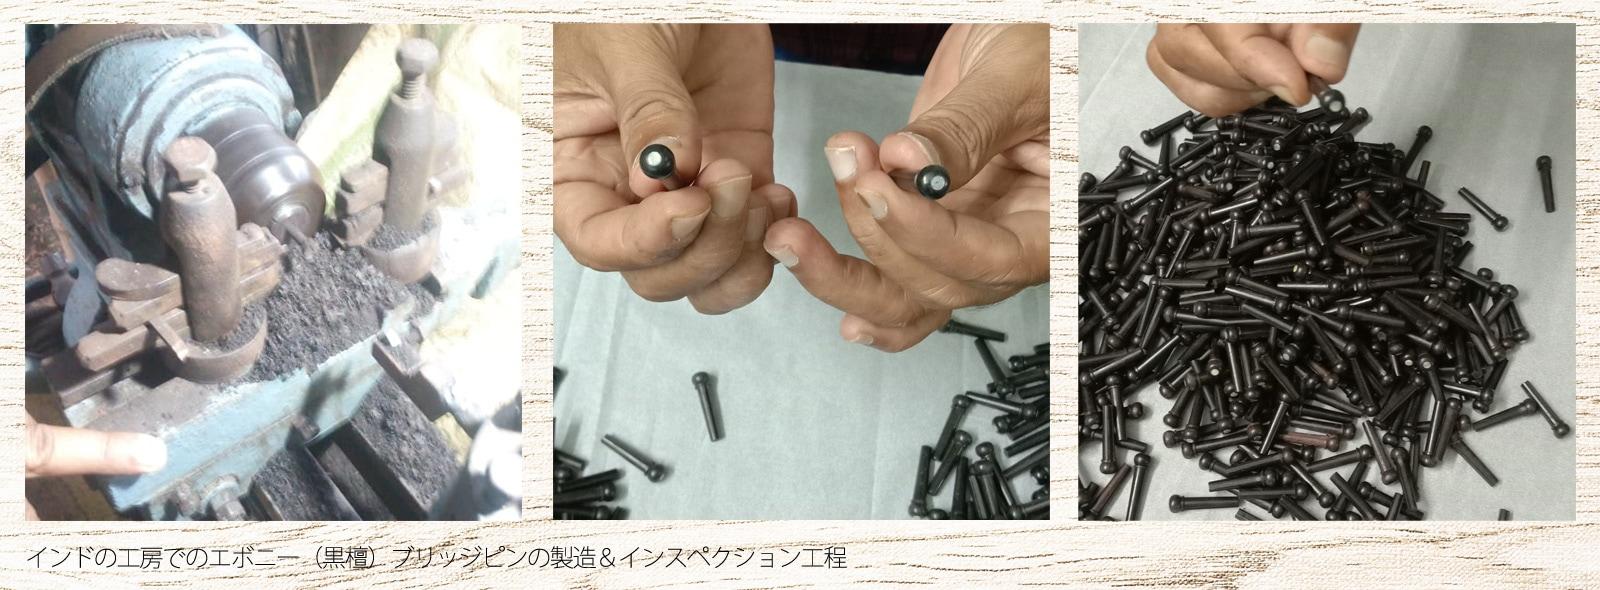 エボニー製造画像